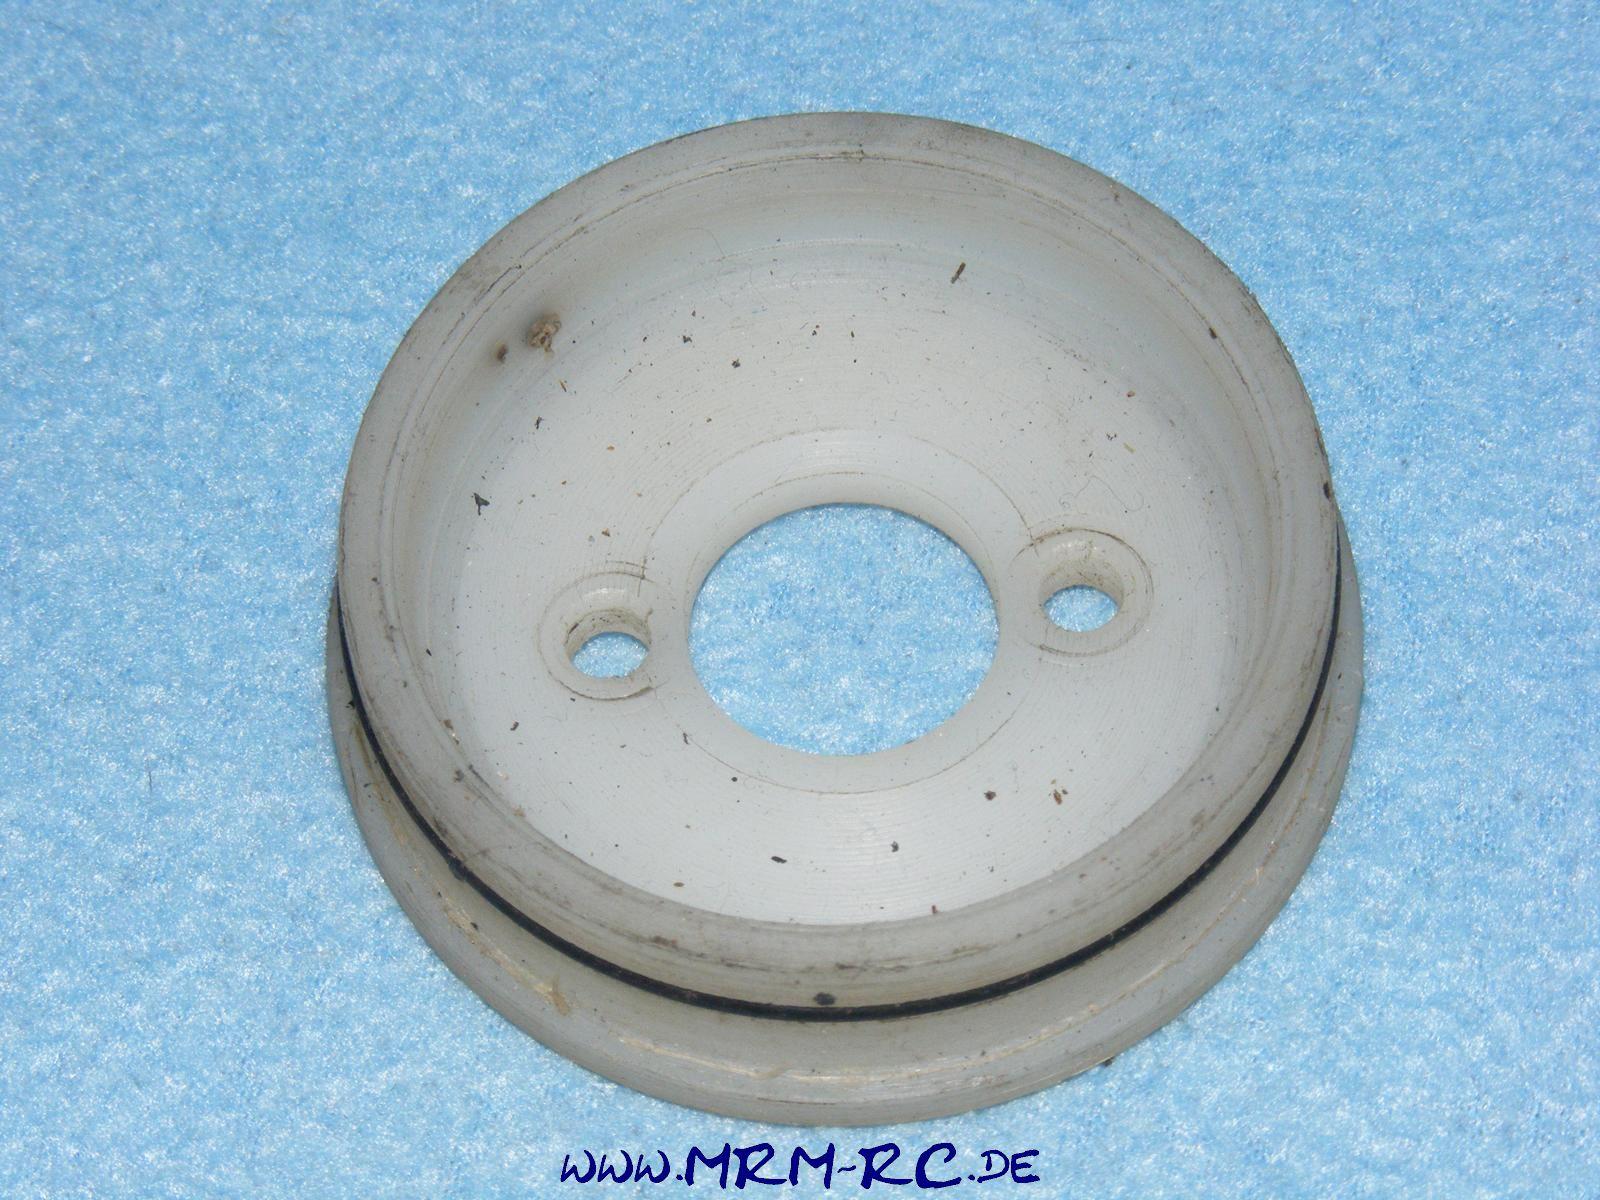 Luftfilter Airbox Filter Adapter Platte FG Carson Smartech Zenoah 930